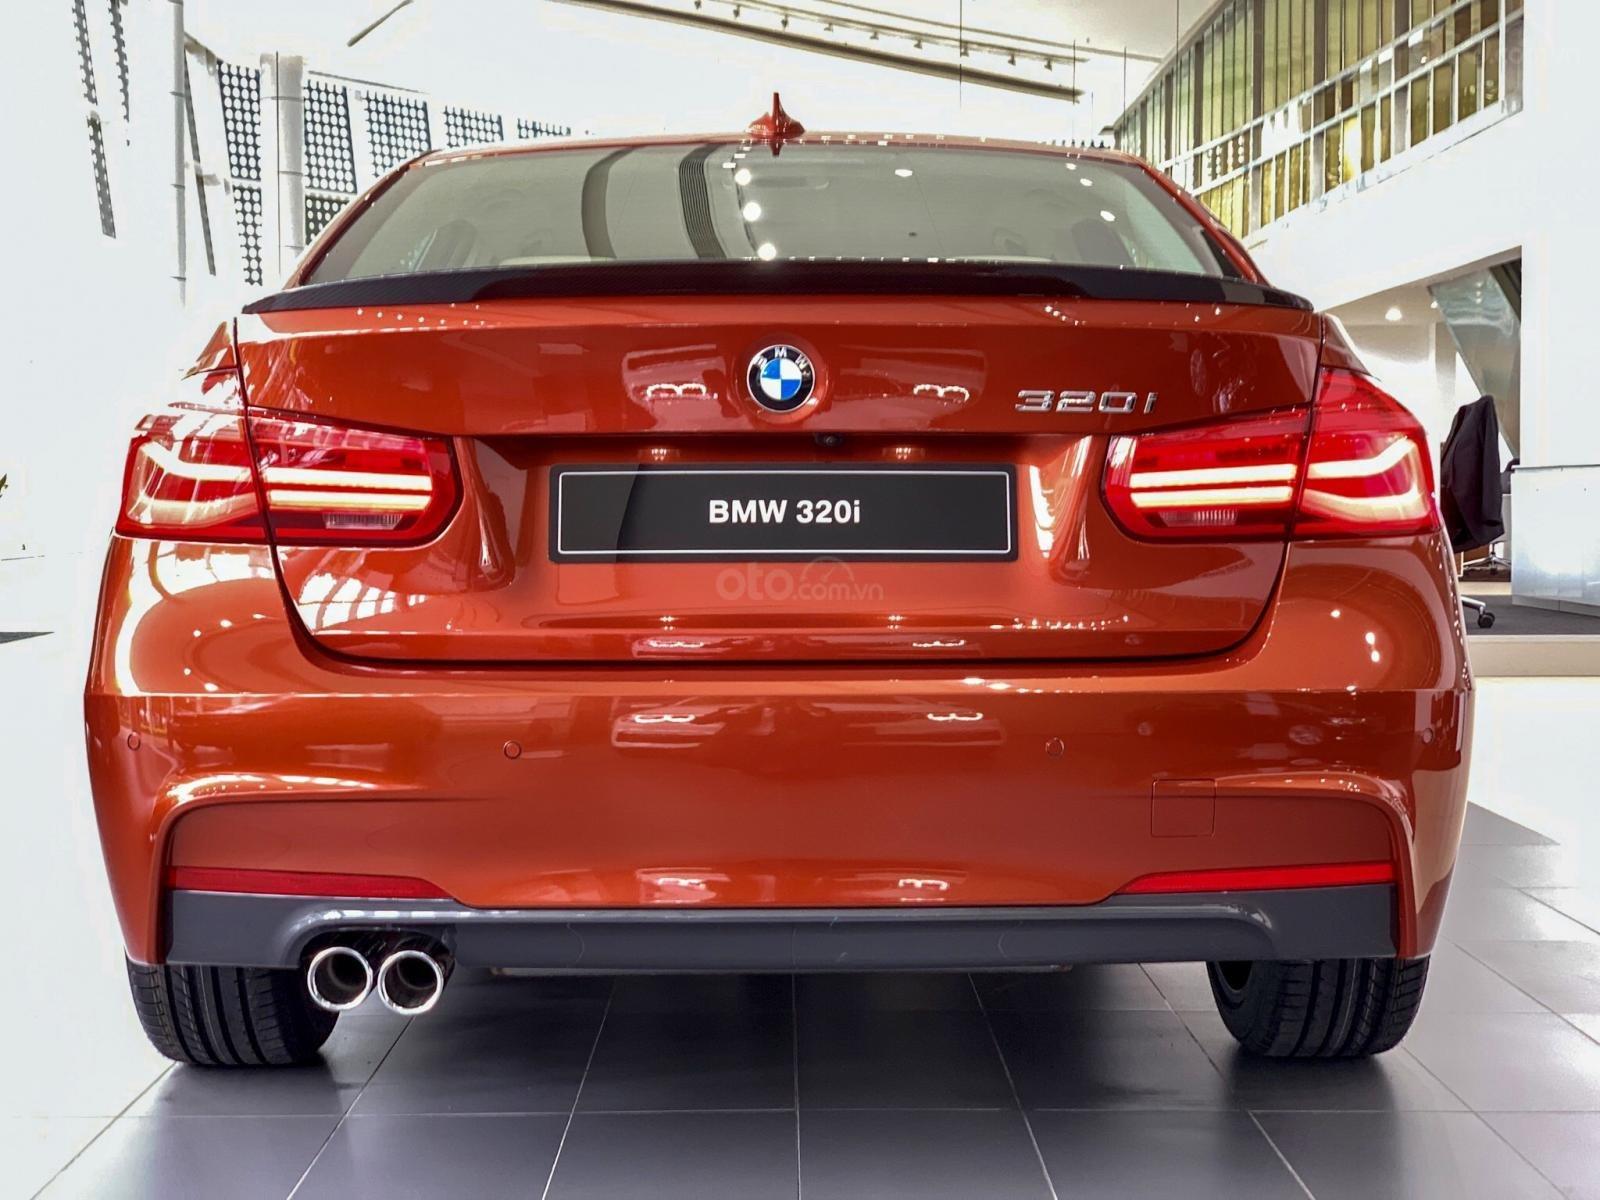 BMW 320i khuyến mãi 270 triệu trong tháng 11 (5)